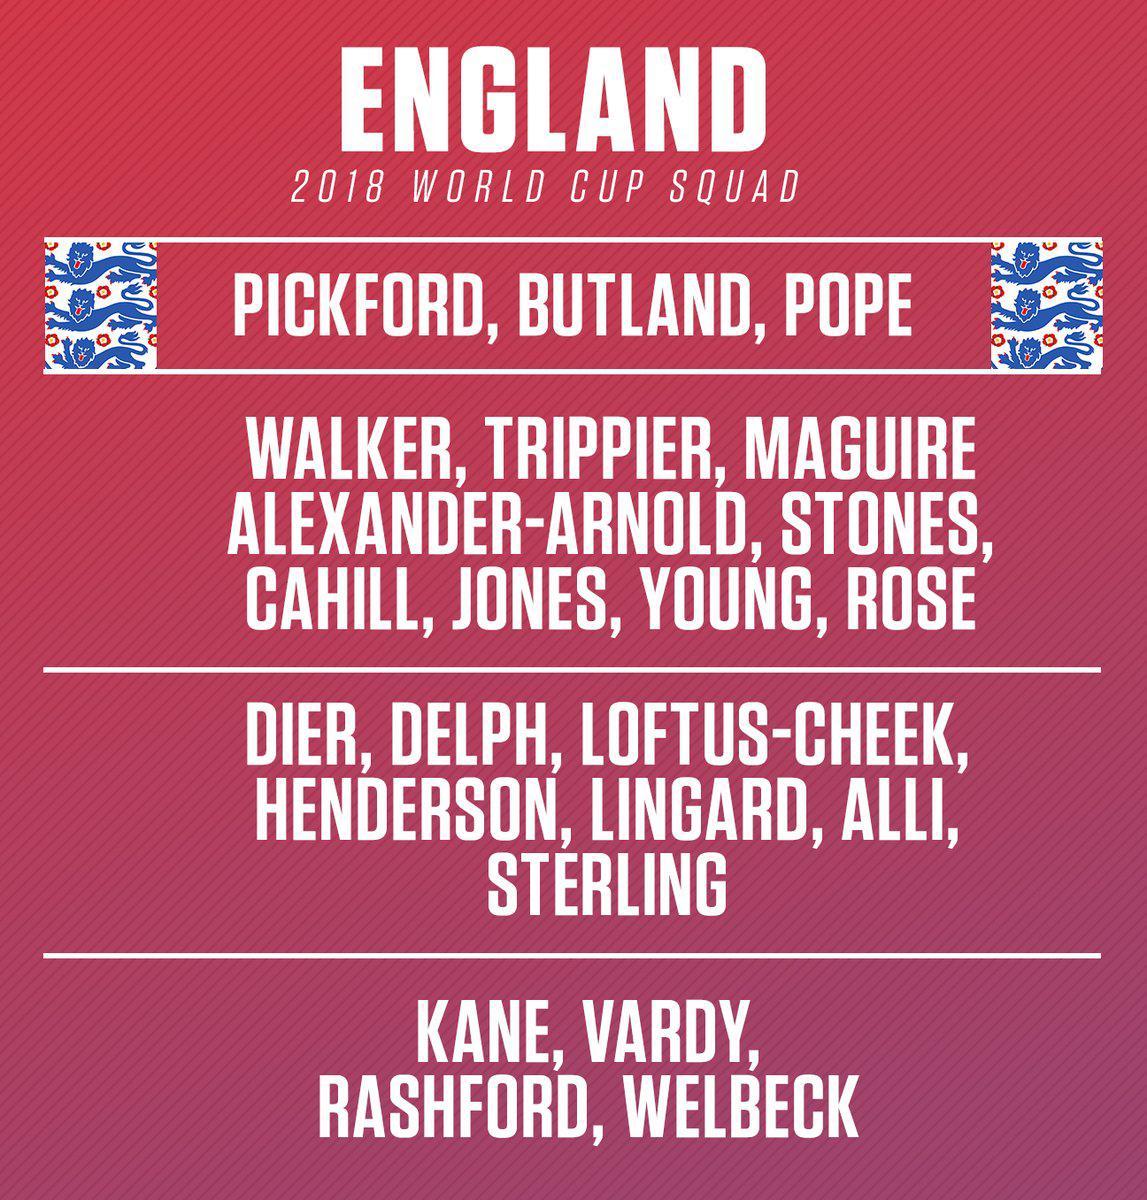 凯恩领衔英格兰世界杯23人名单:哈特威尔谢尔落选